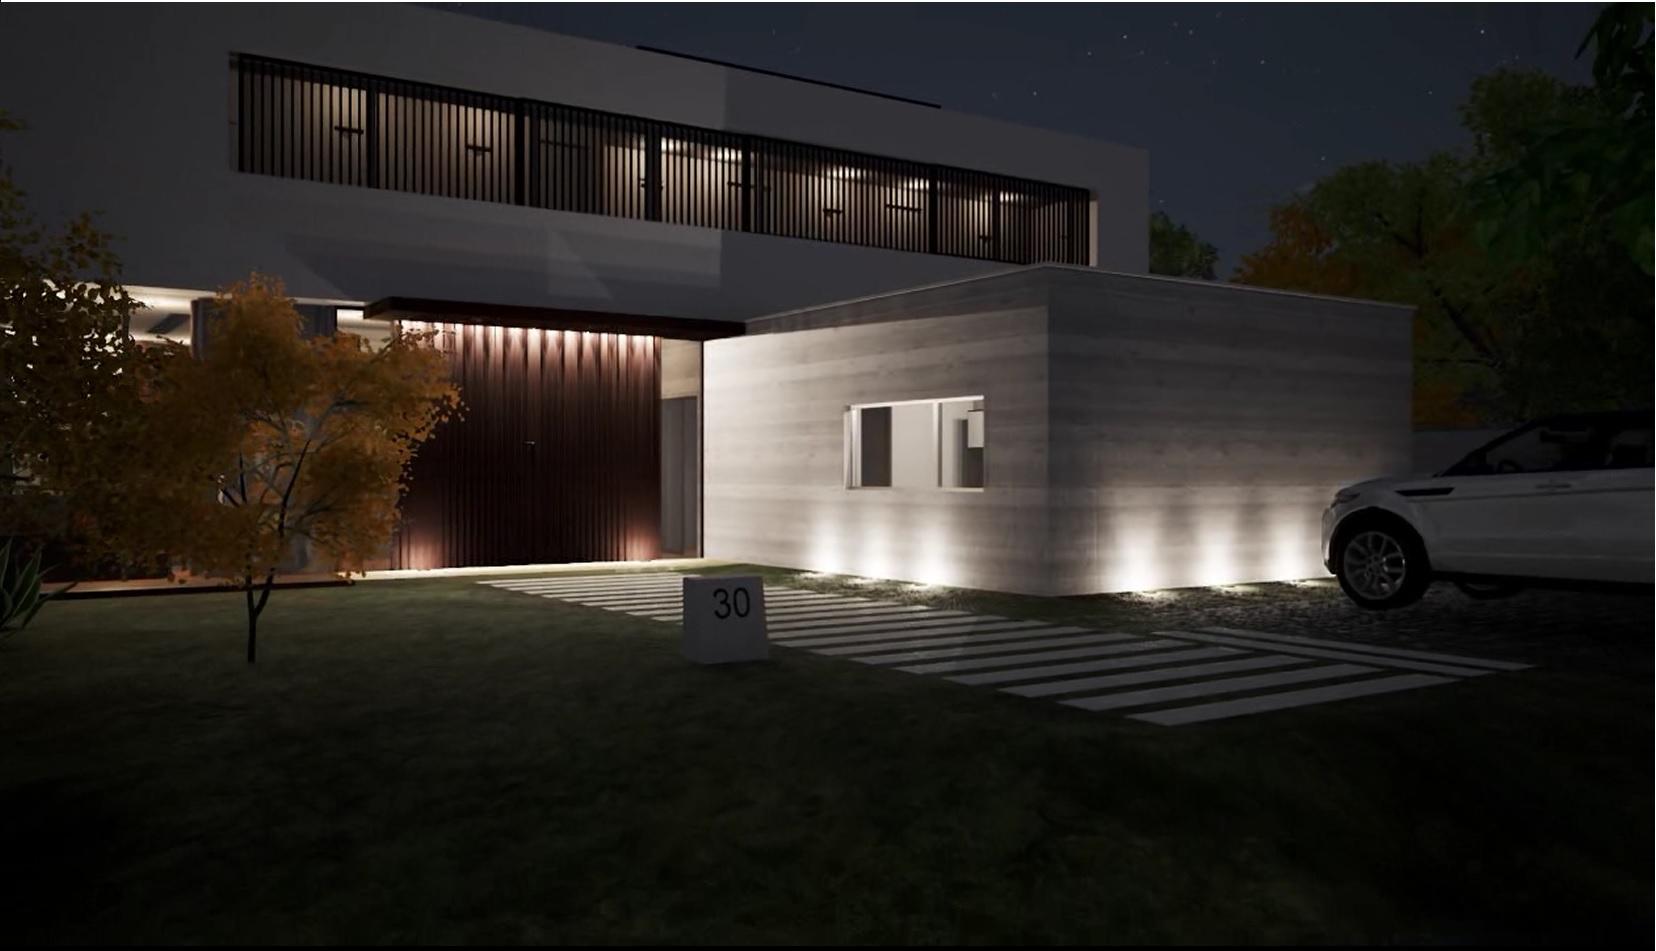 Progettare l illuminazione esterna di un edificio con un software